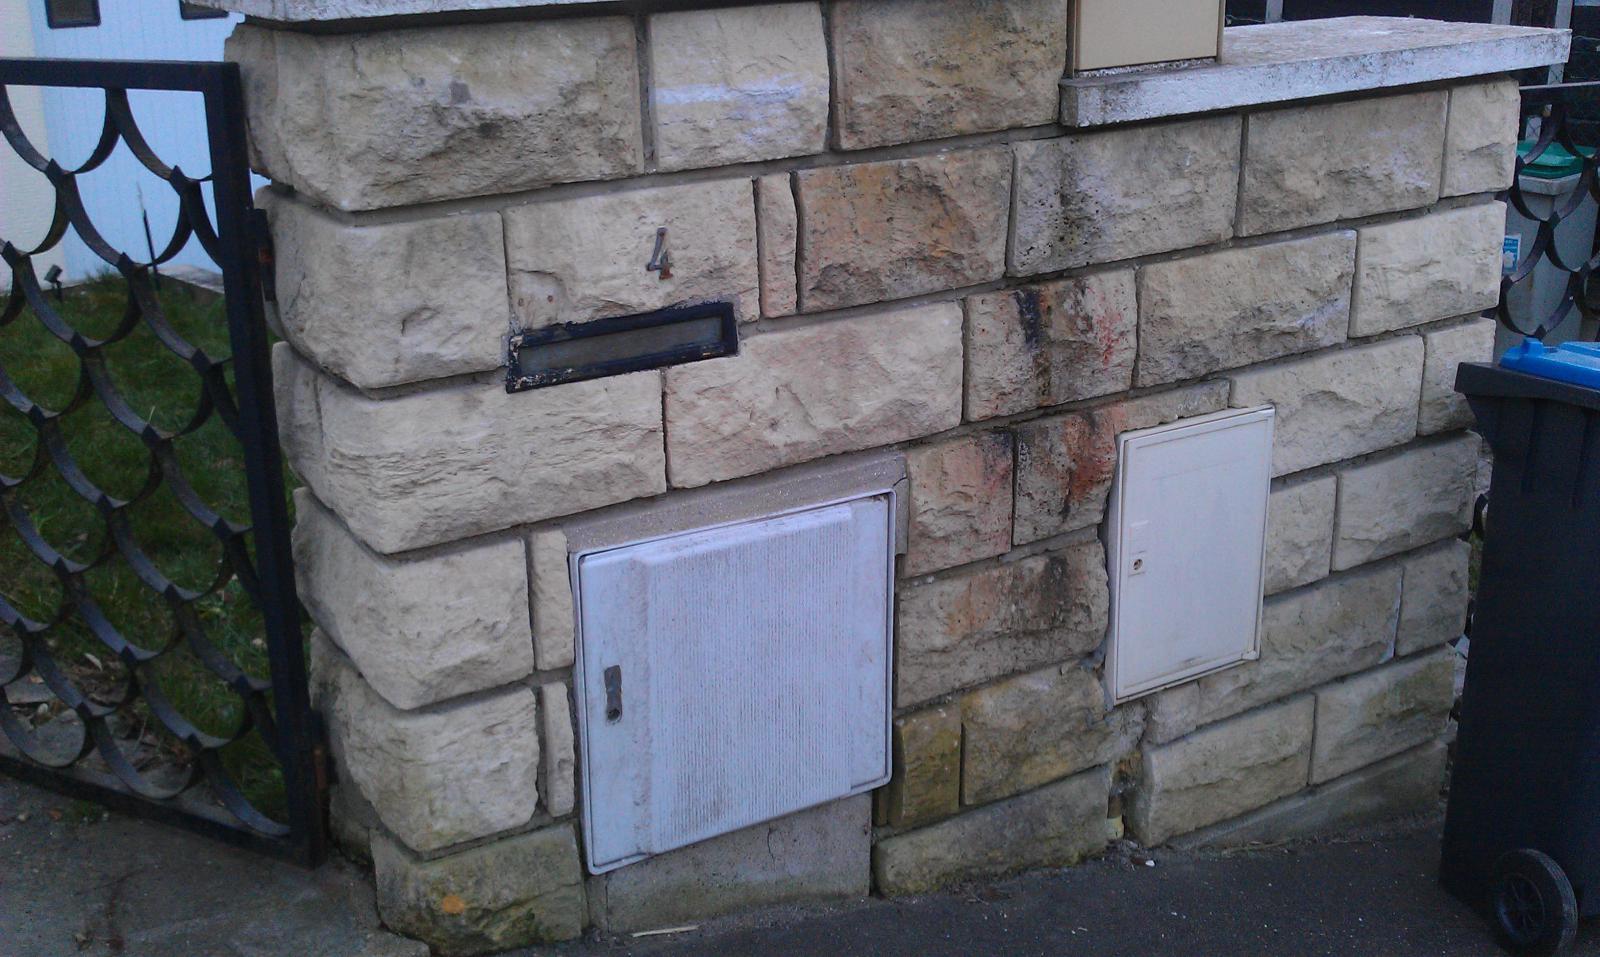 Recouvrir mur exterieur les derni res id es - Recouvrir un mur exterieur en parpaing ...